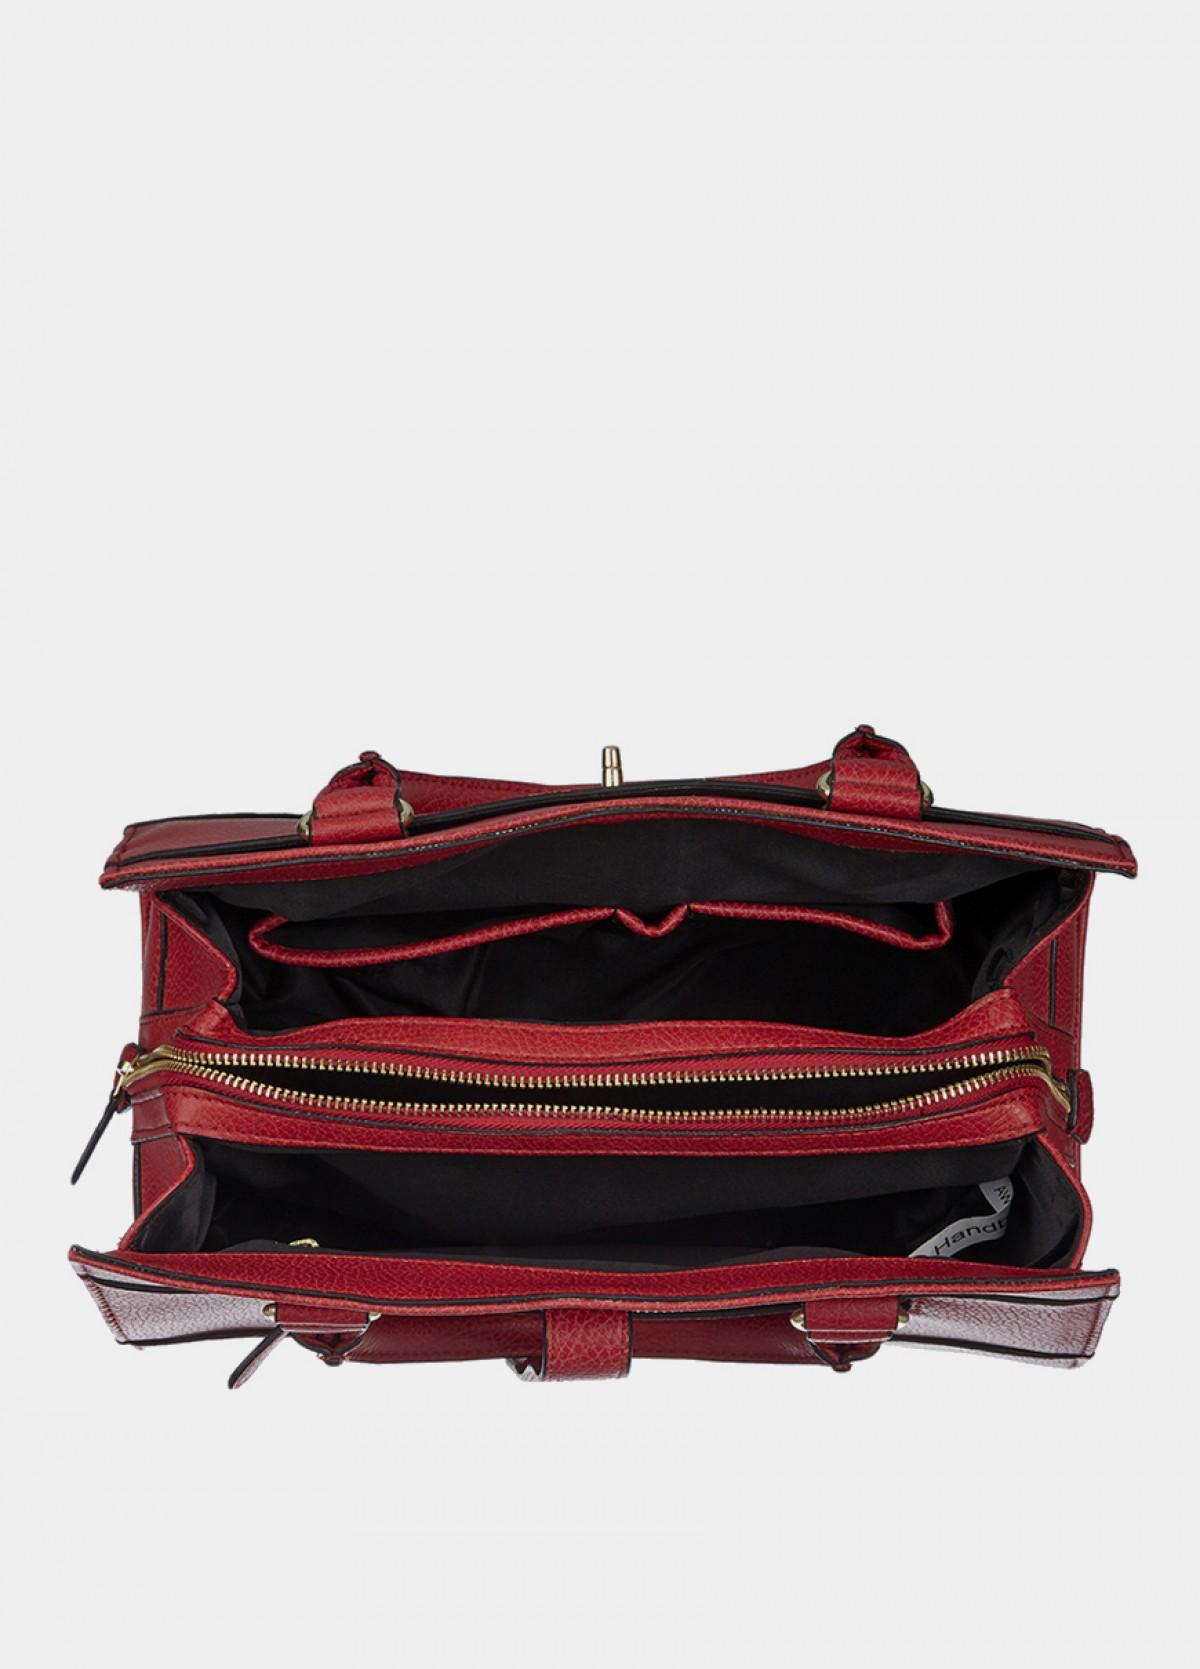 The Marsala Handbag